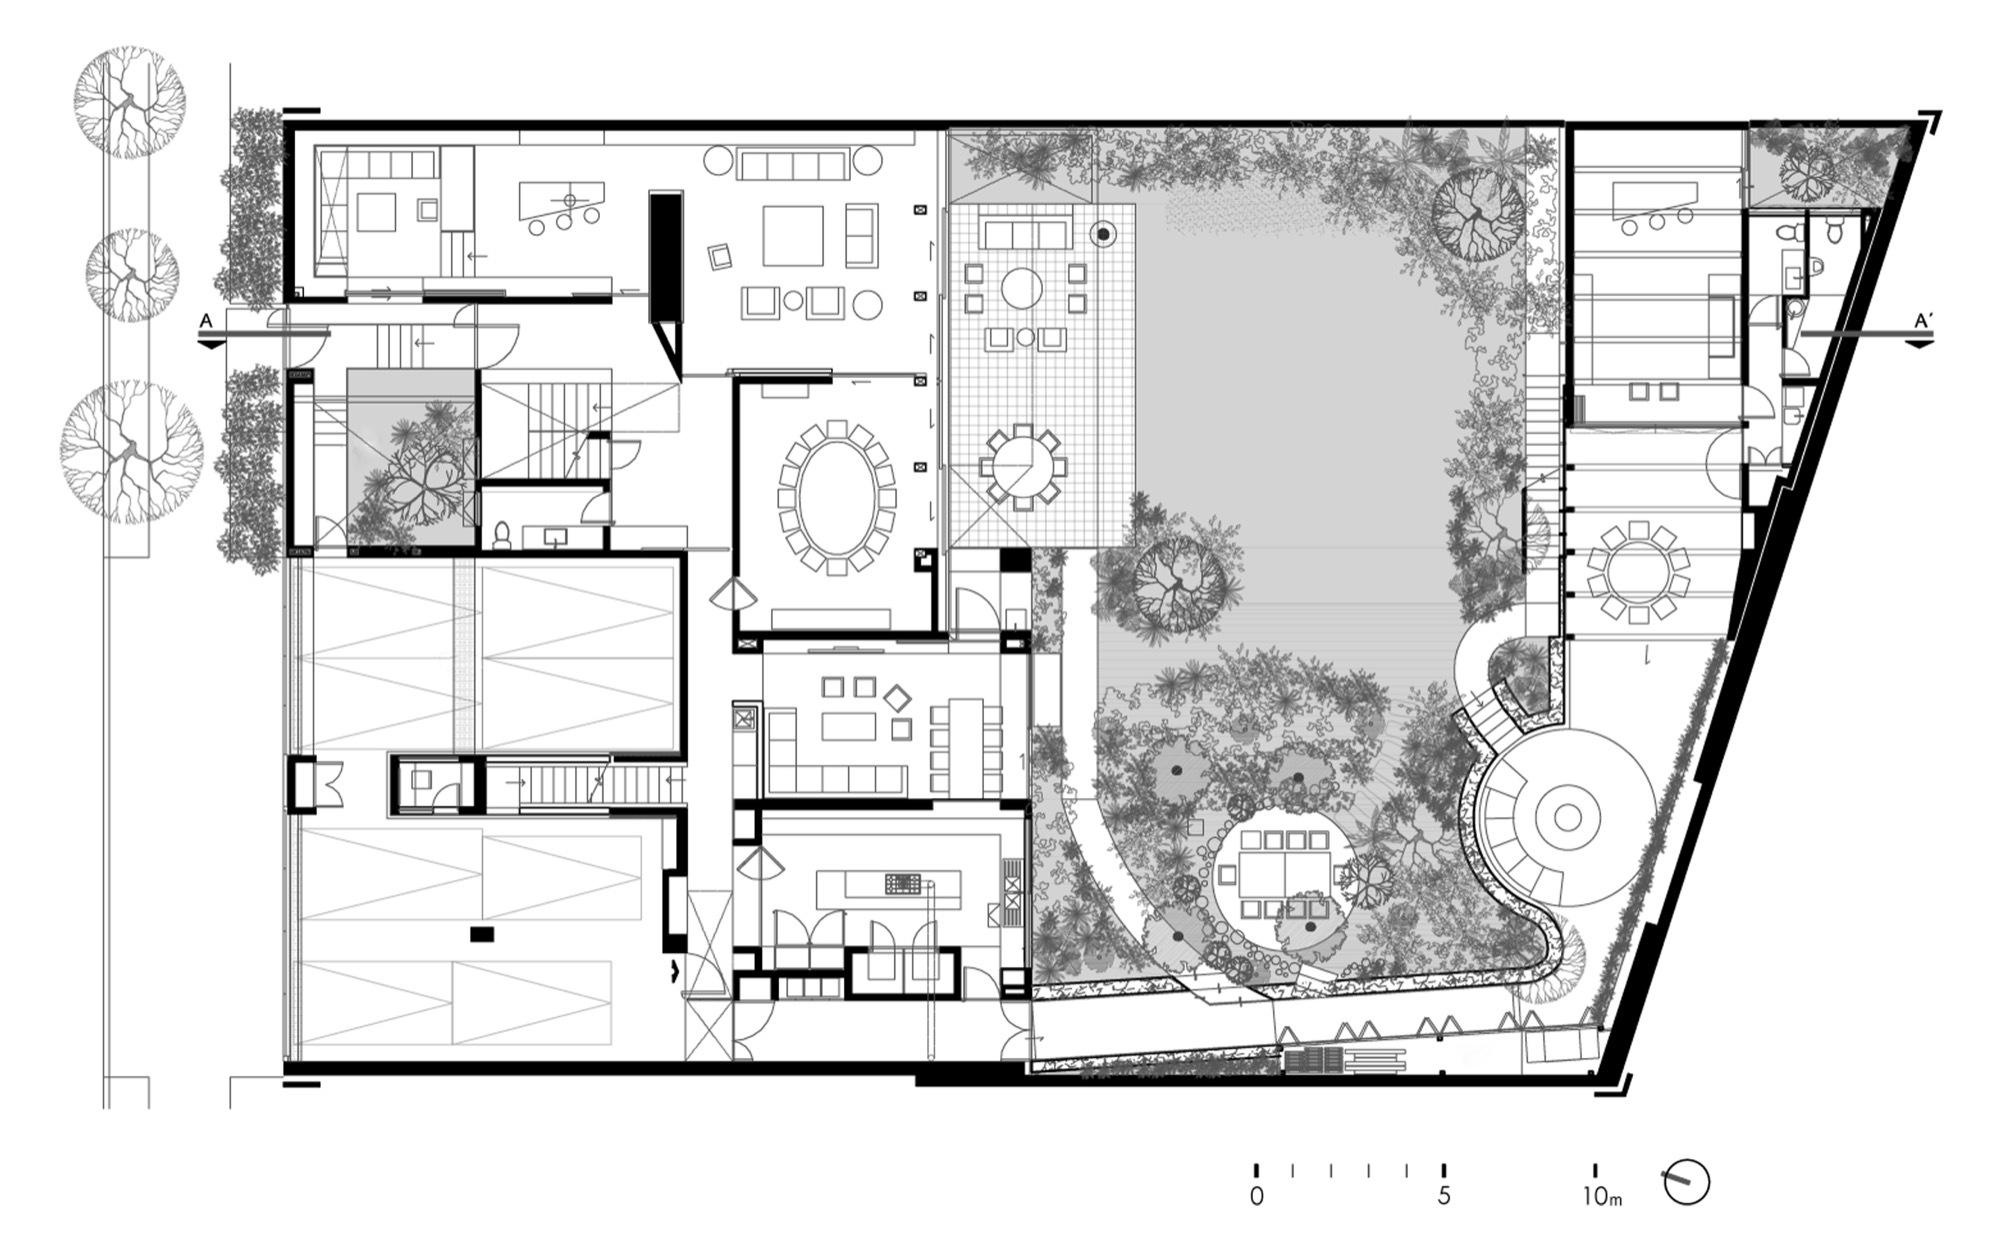 Galer a de casa o despacho arquitectos hv 19 for Plantas arquitectonicas de casas